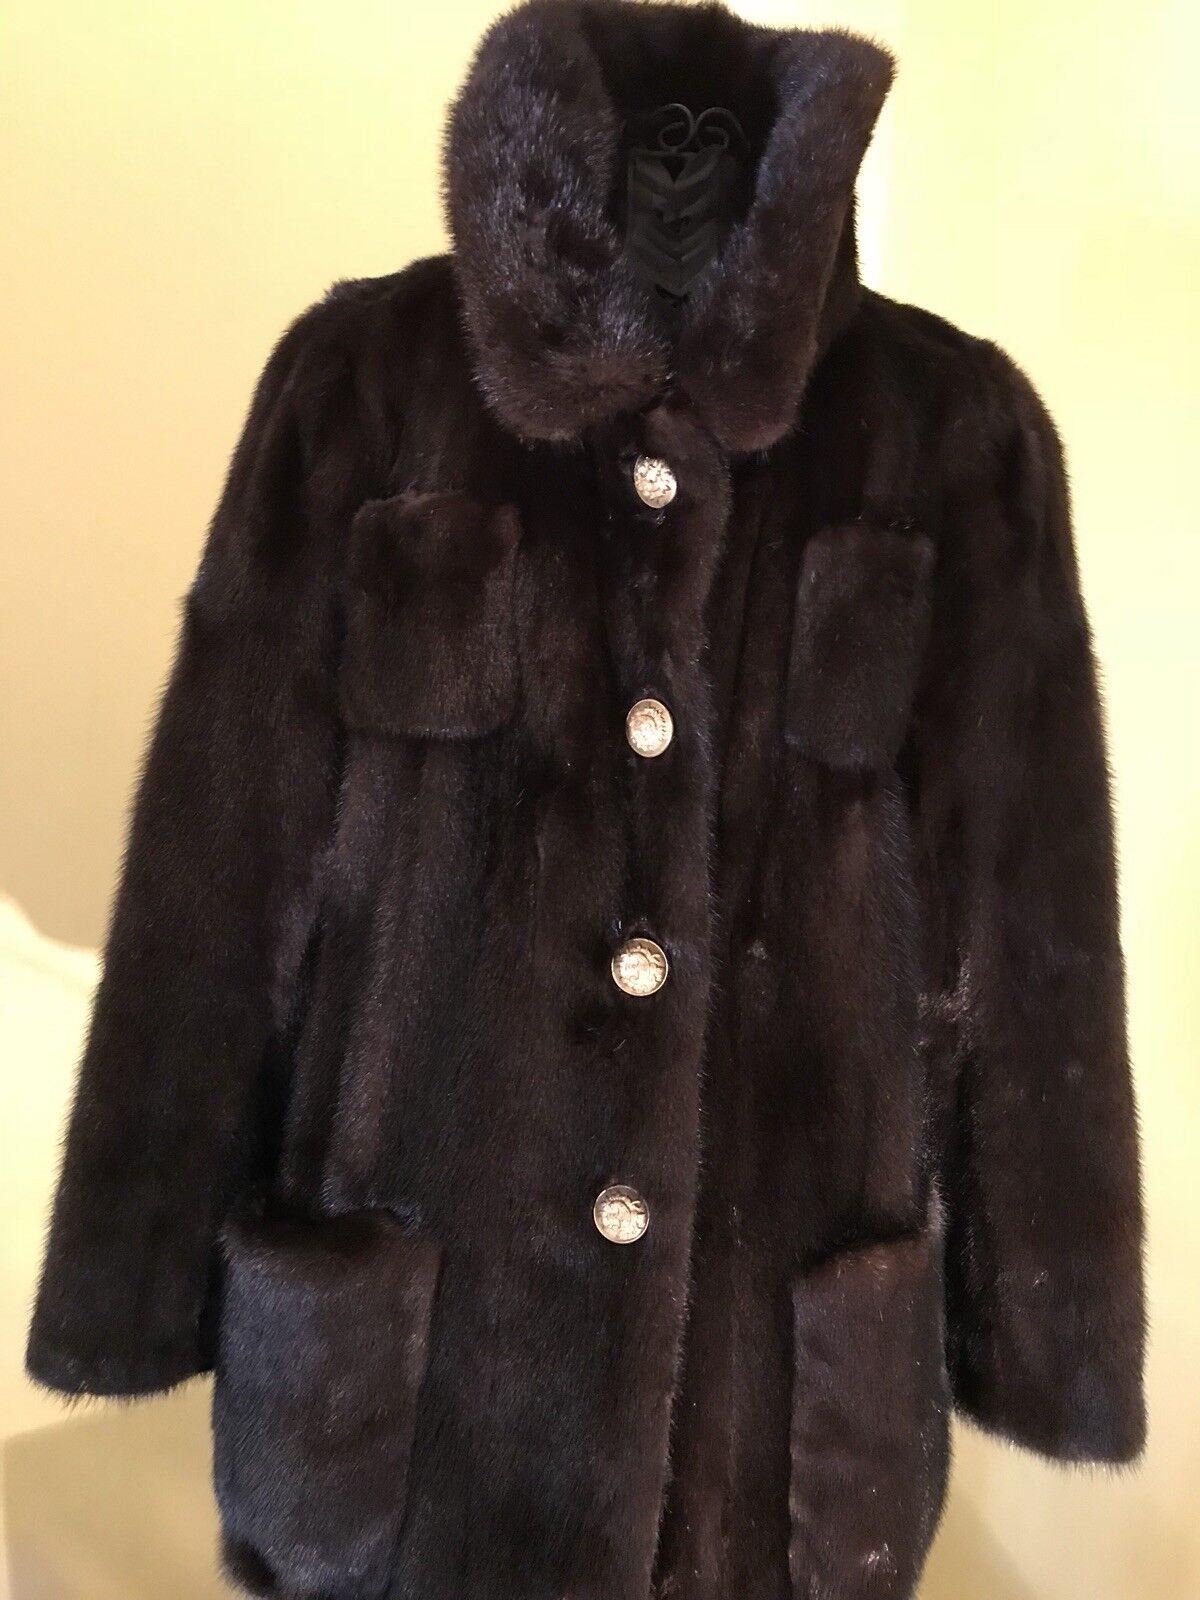 Genuine Dark Brown Mink Beautiful Vintage Real Fur Coat- Size M Women's